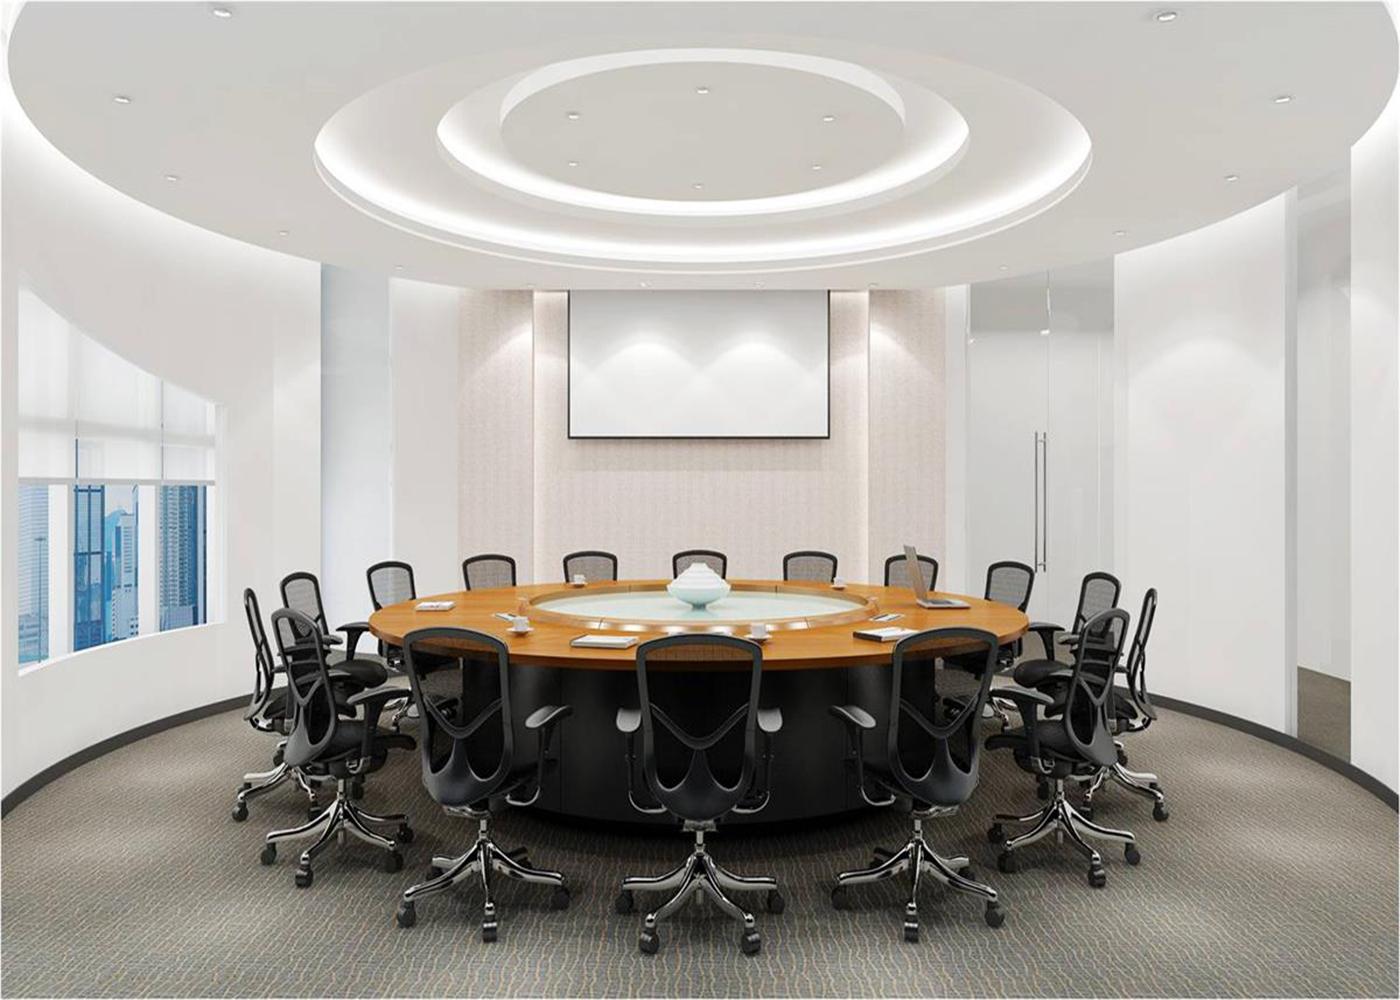 雷蒂斯会议桌A14,上海会议桌,【尺寸 价格 图片 品牌】